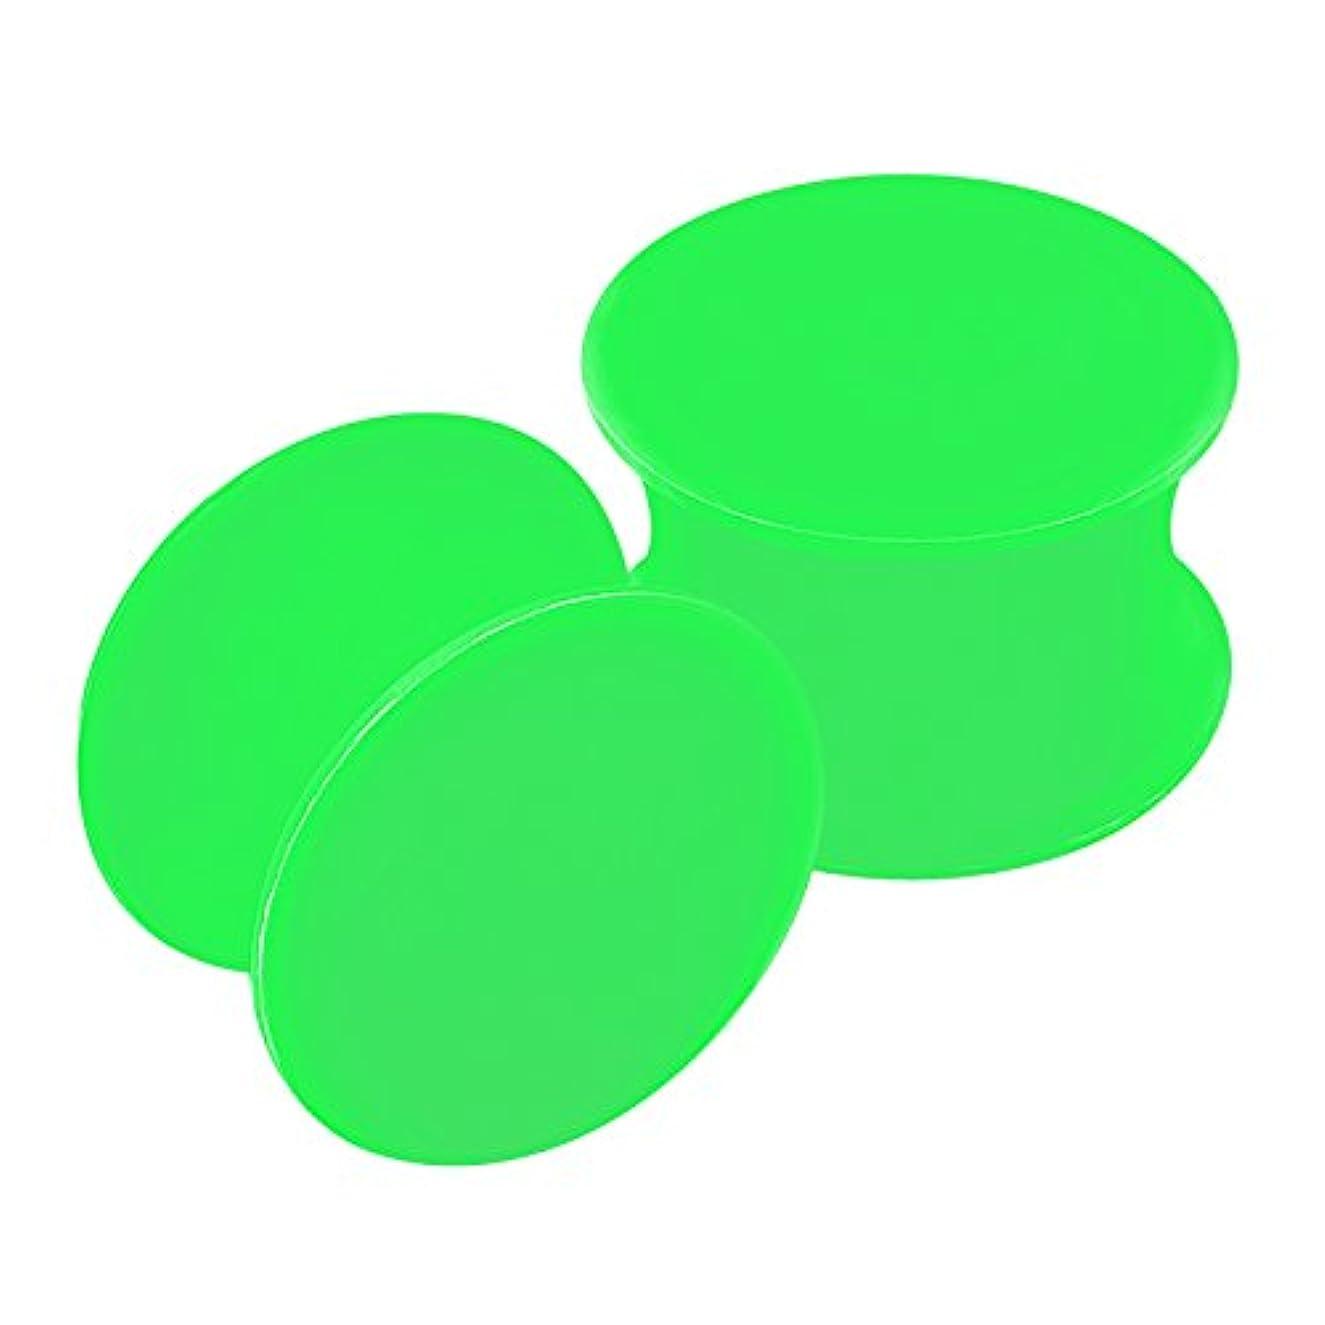 風邪をひく連帯寛大さ2pcsシリコングリーンダブルフレアサドルforストレッチャーイヤーゲージプラグイヤリングLobeピアスジュエリー選択サイズ